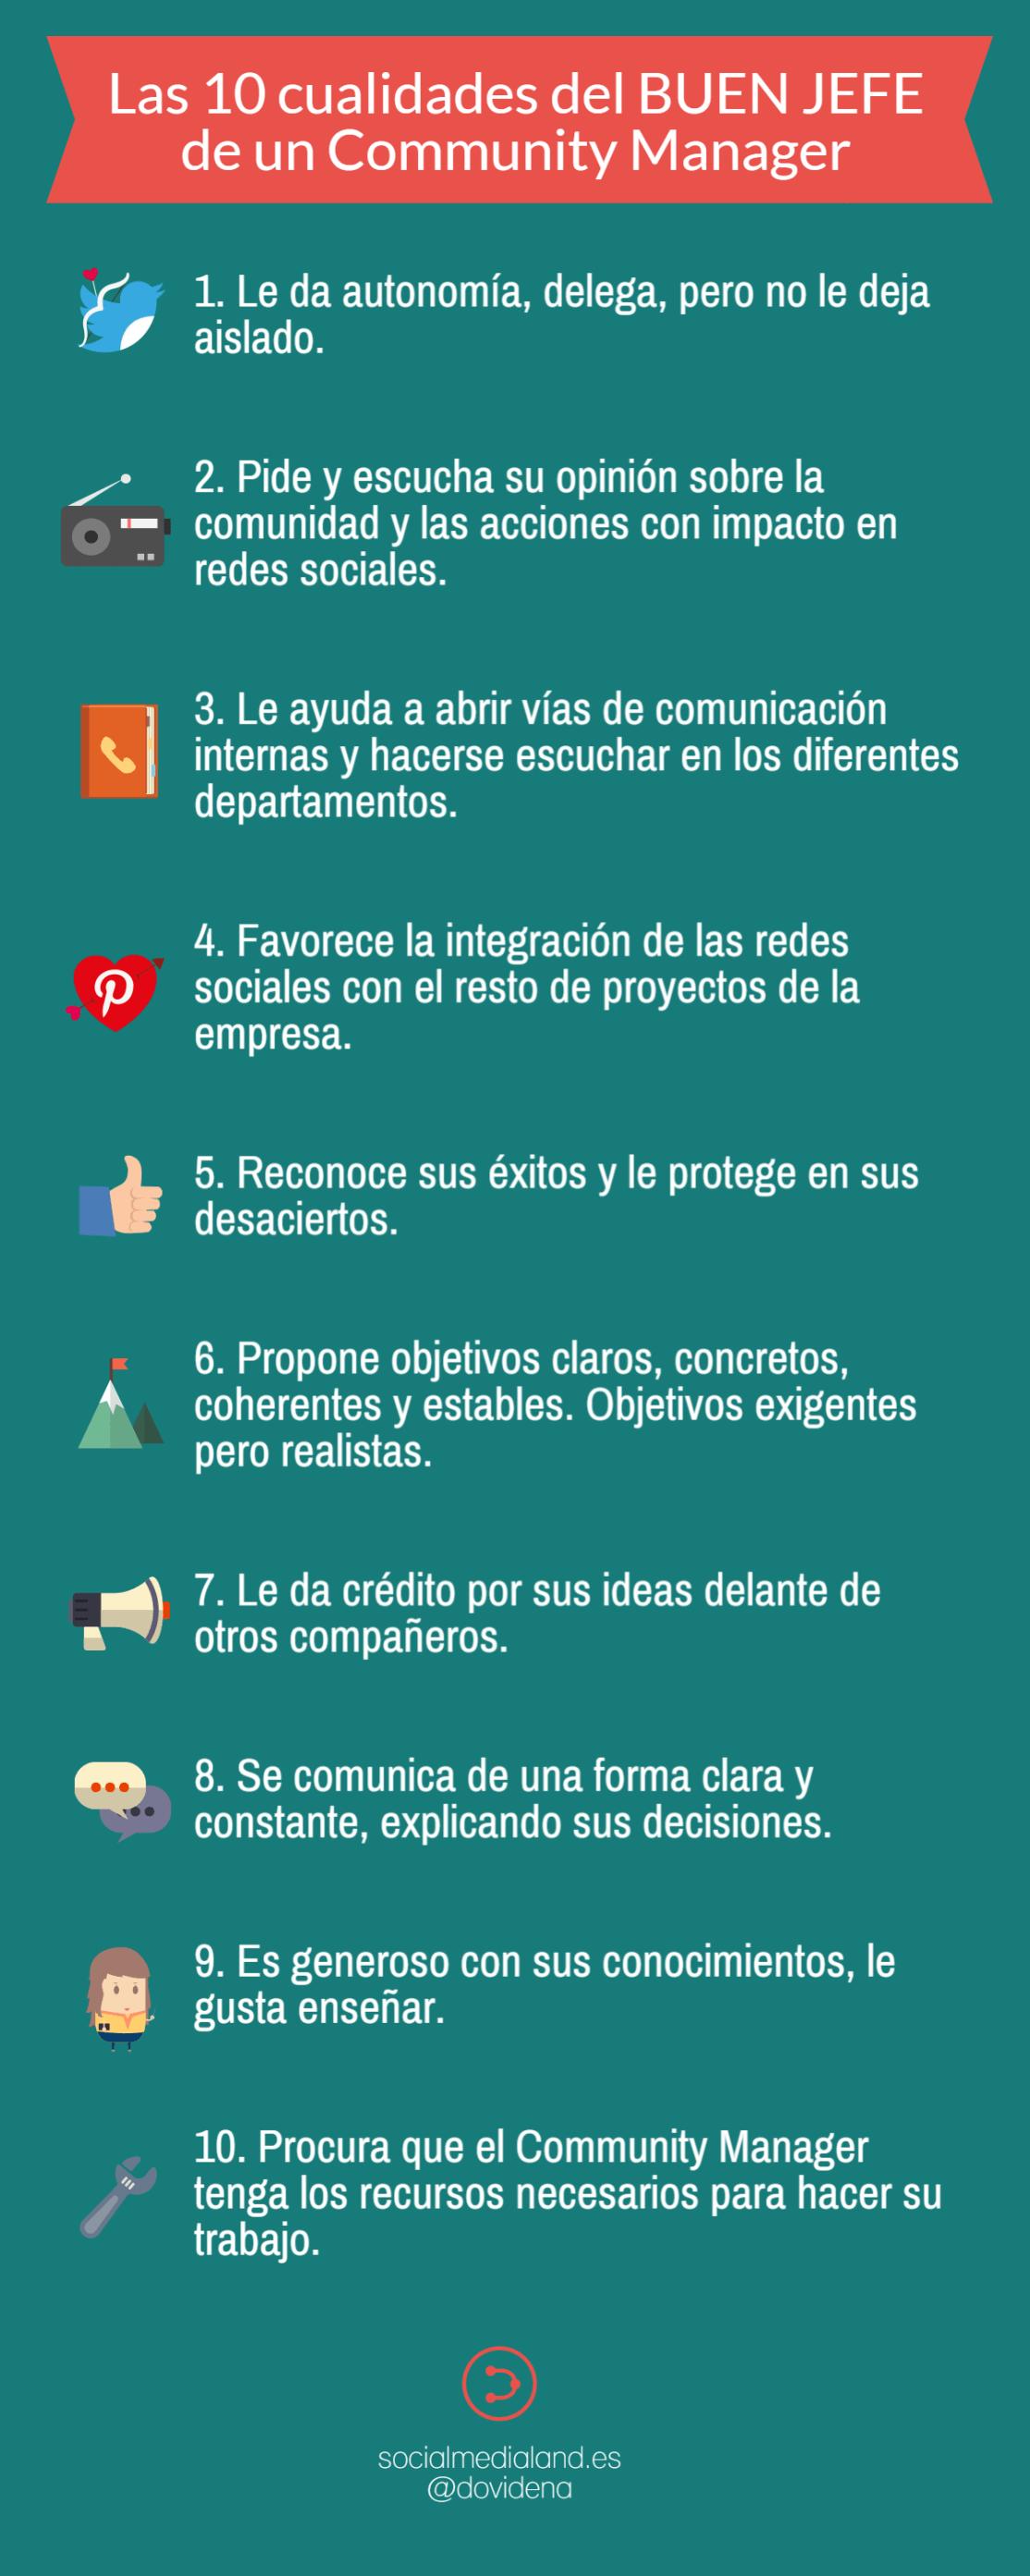 Las 10 cualidades del buen jefe de un Community Manager #infografia #socialmedia